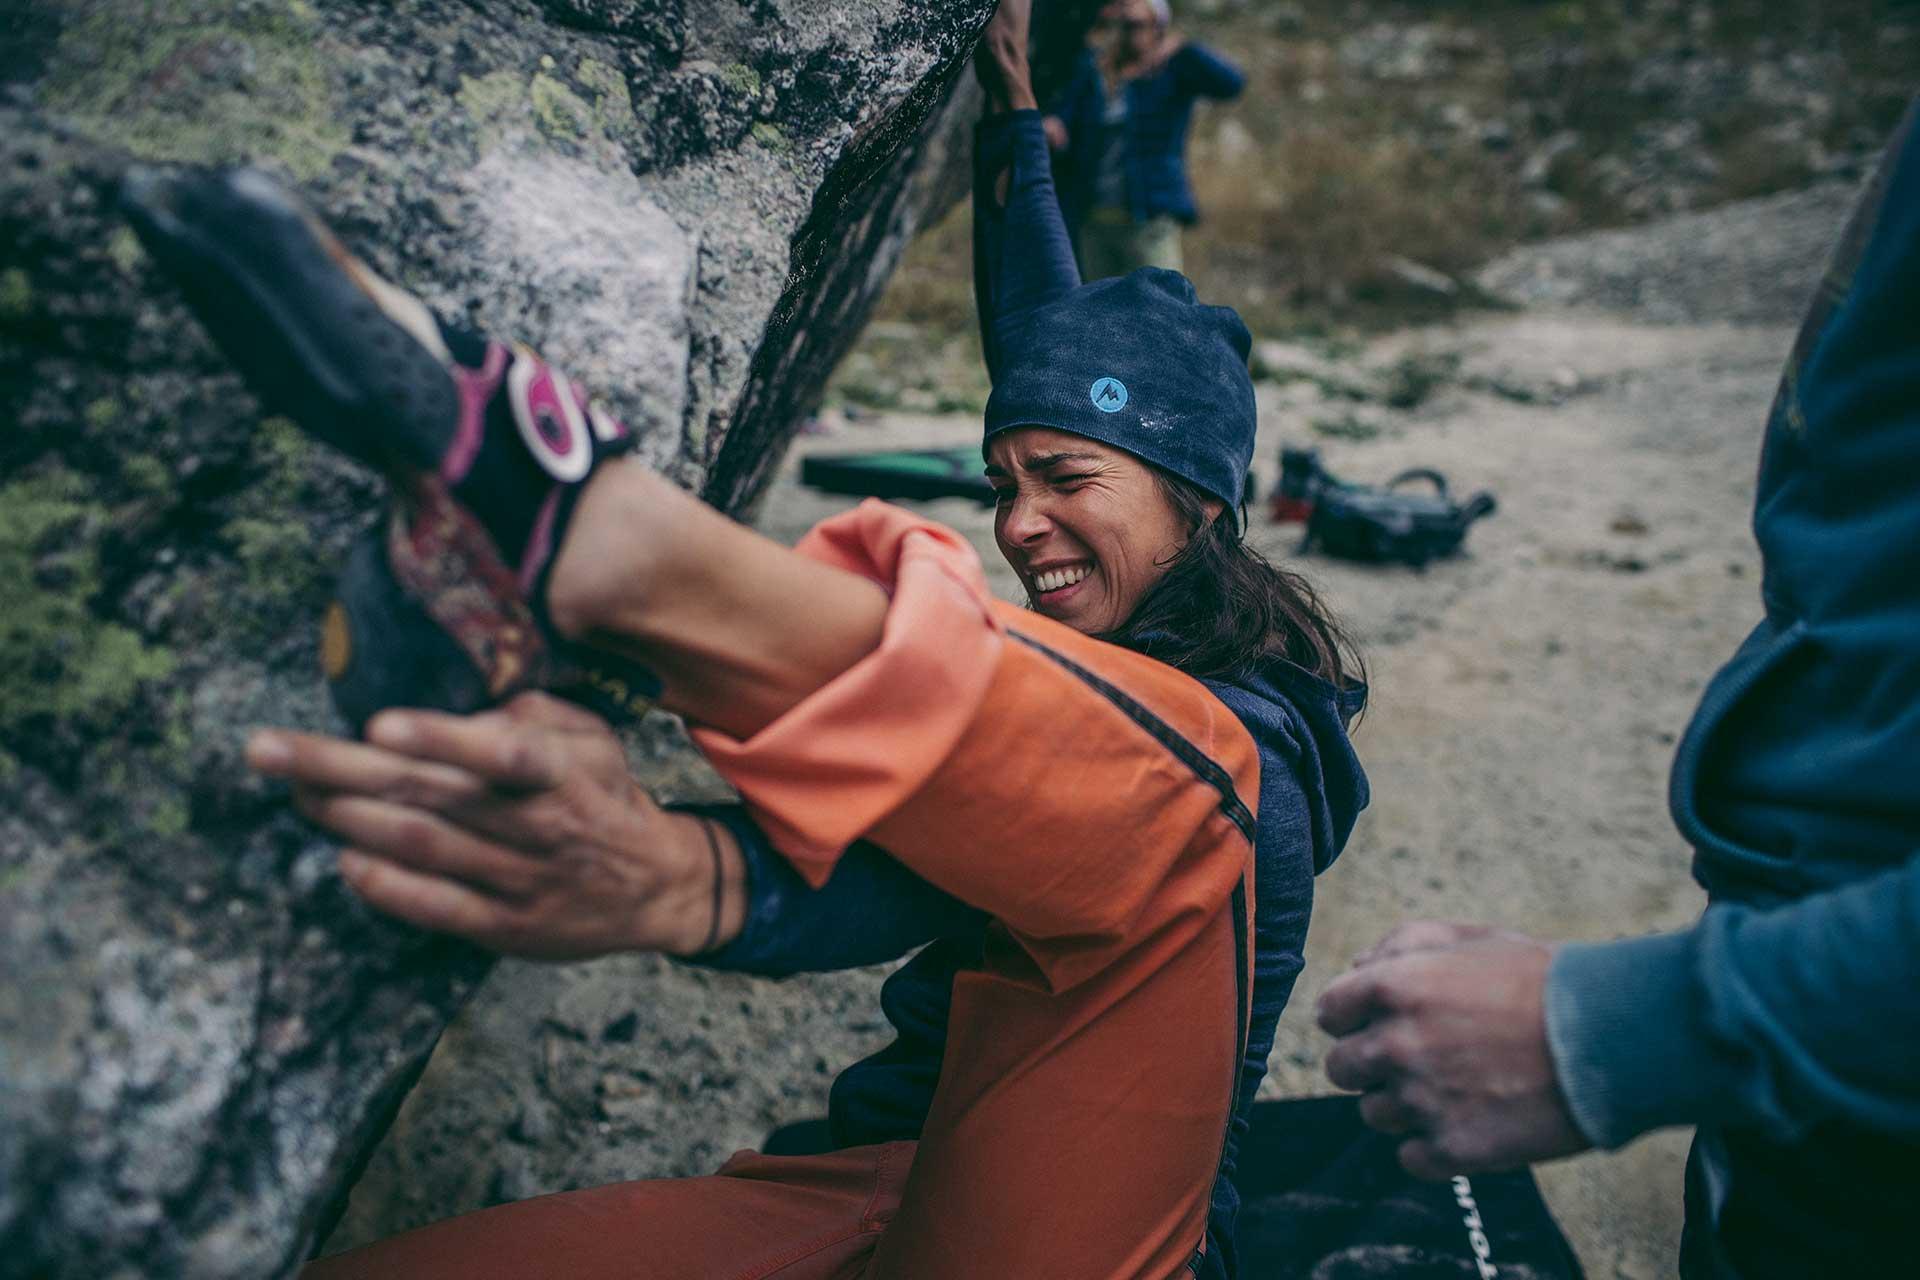 Sportfotograf Outdoor Klettern Bouldern Sport Scheck Katalog Fotoproduktion Frankreich Paris